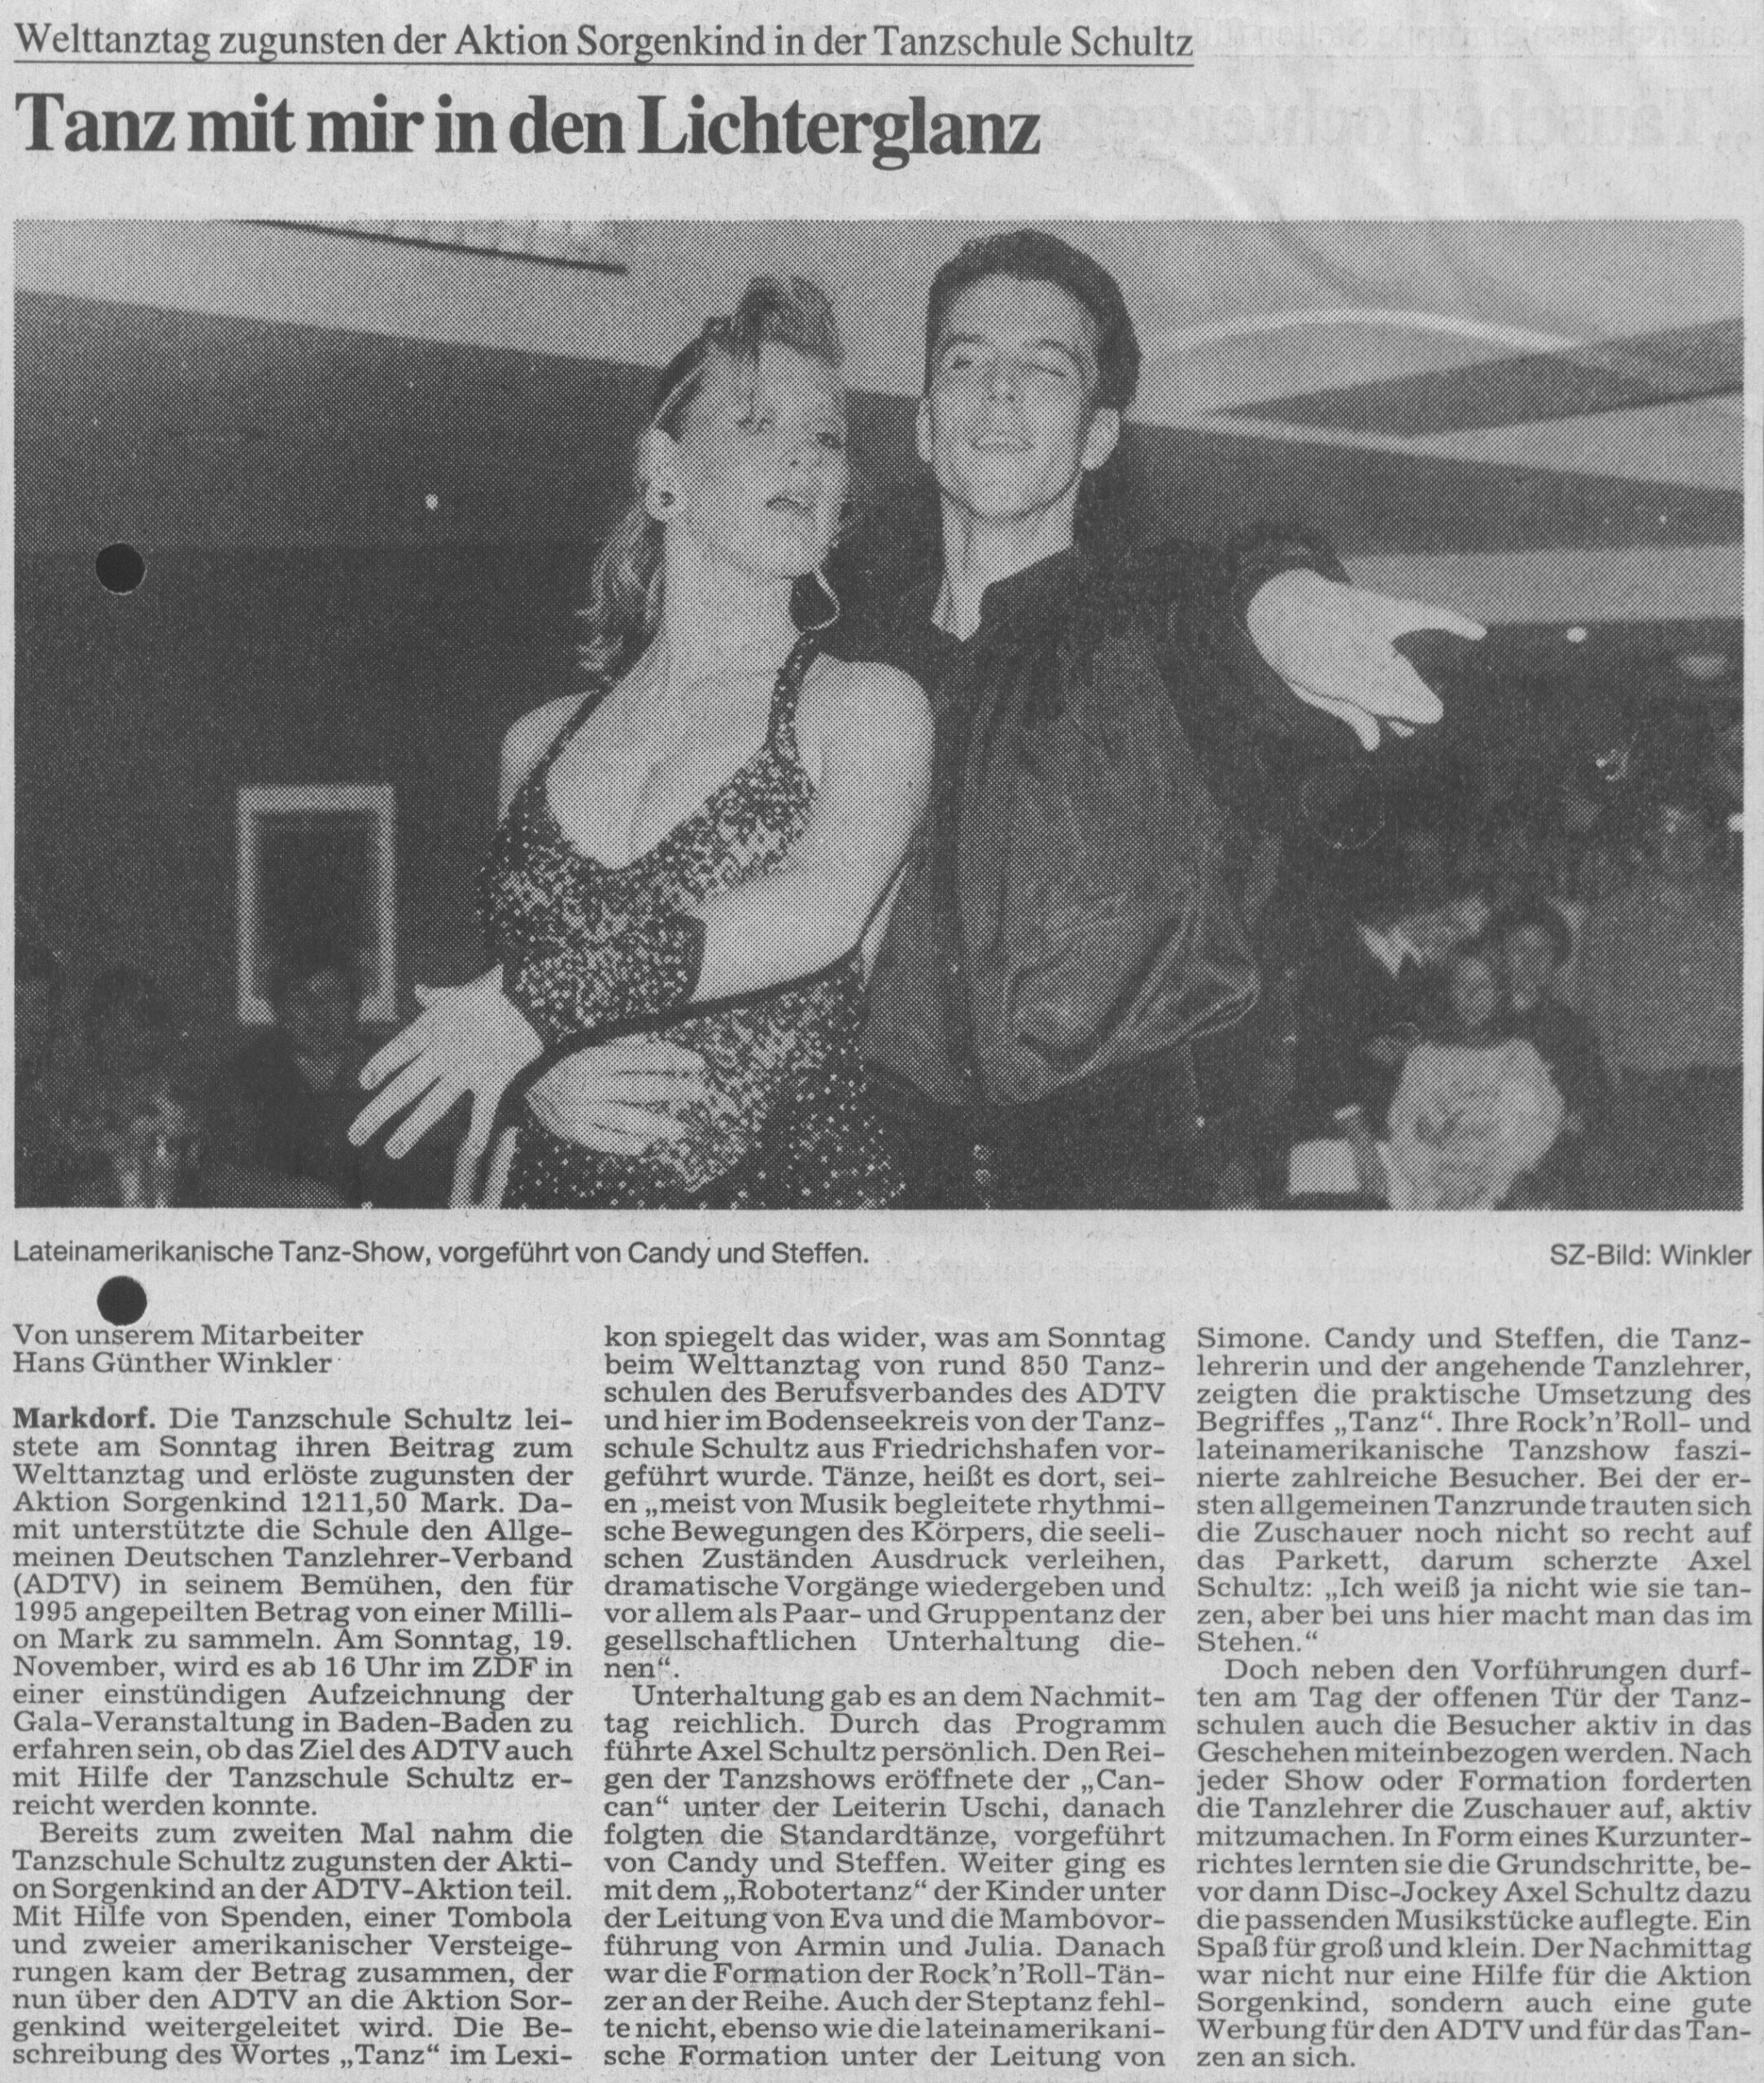 Tanz mit mir in den Lichterglanz 1995